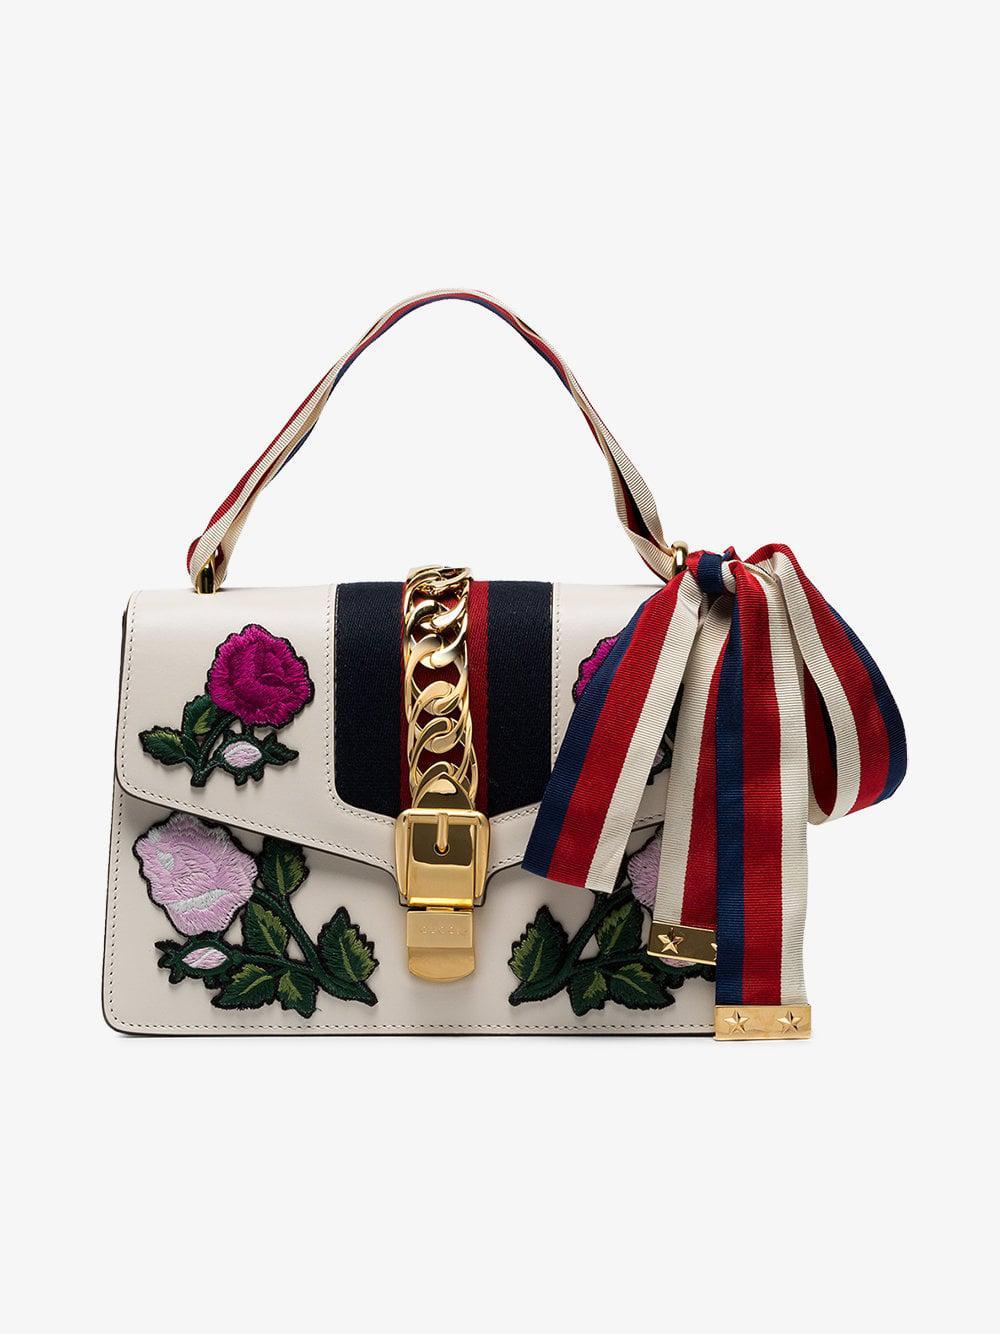 0667e9e3453e80 Gucci Sylvie Embroidered Small Shoulder Bag in White - Lyst